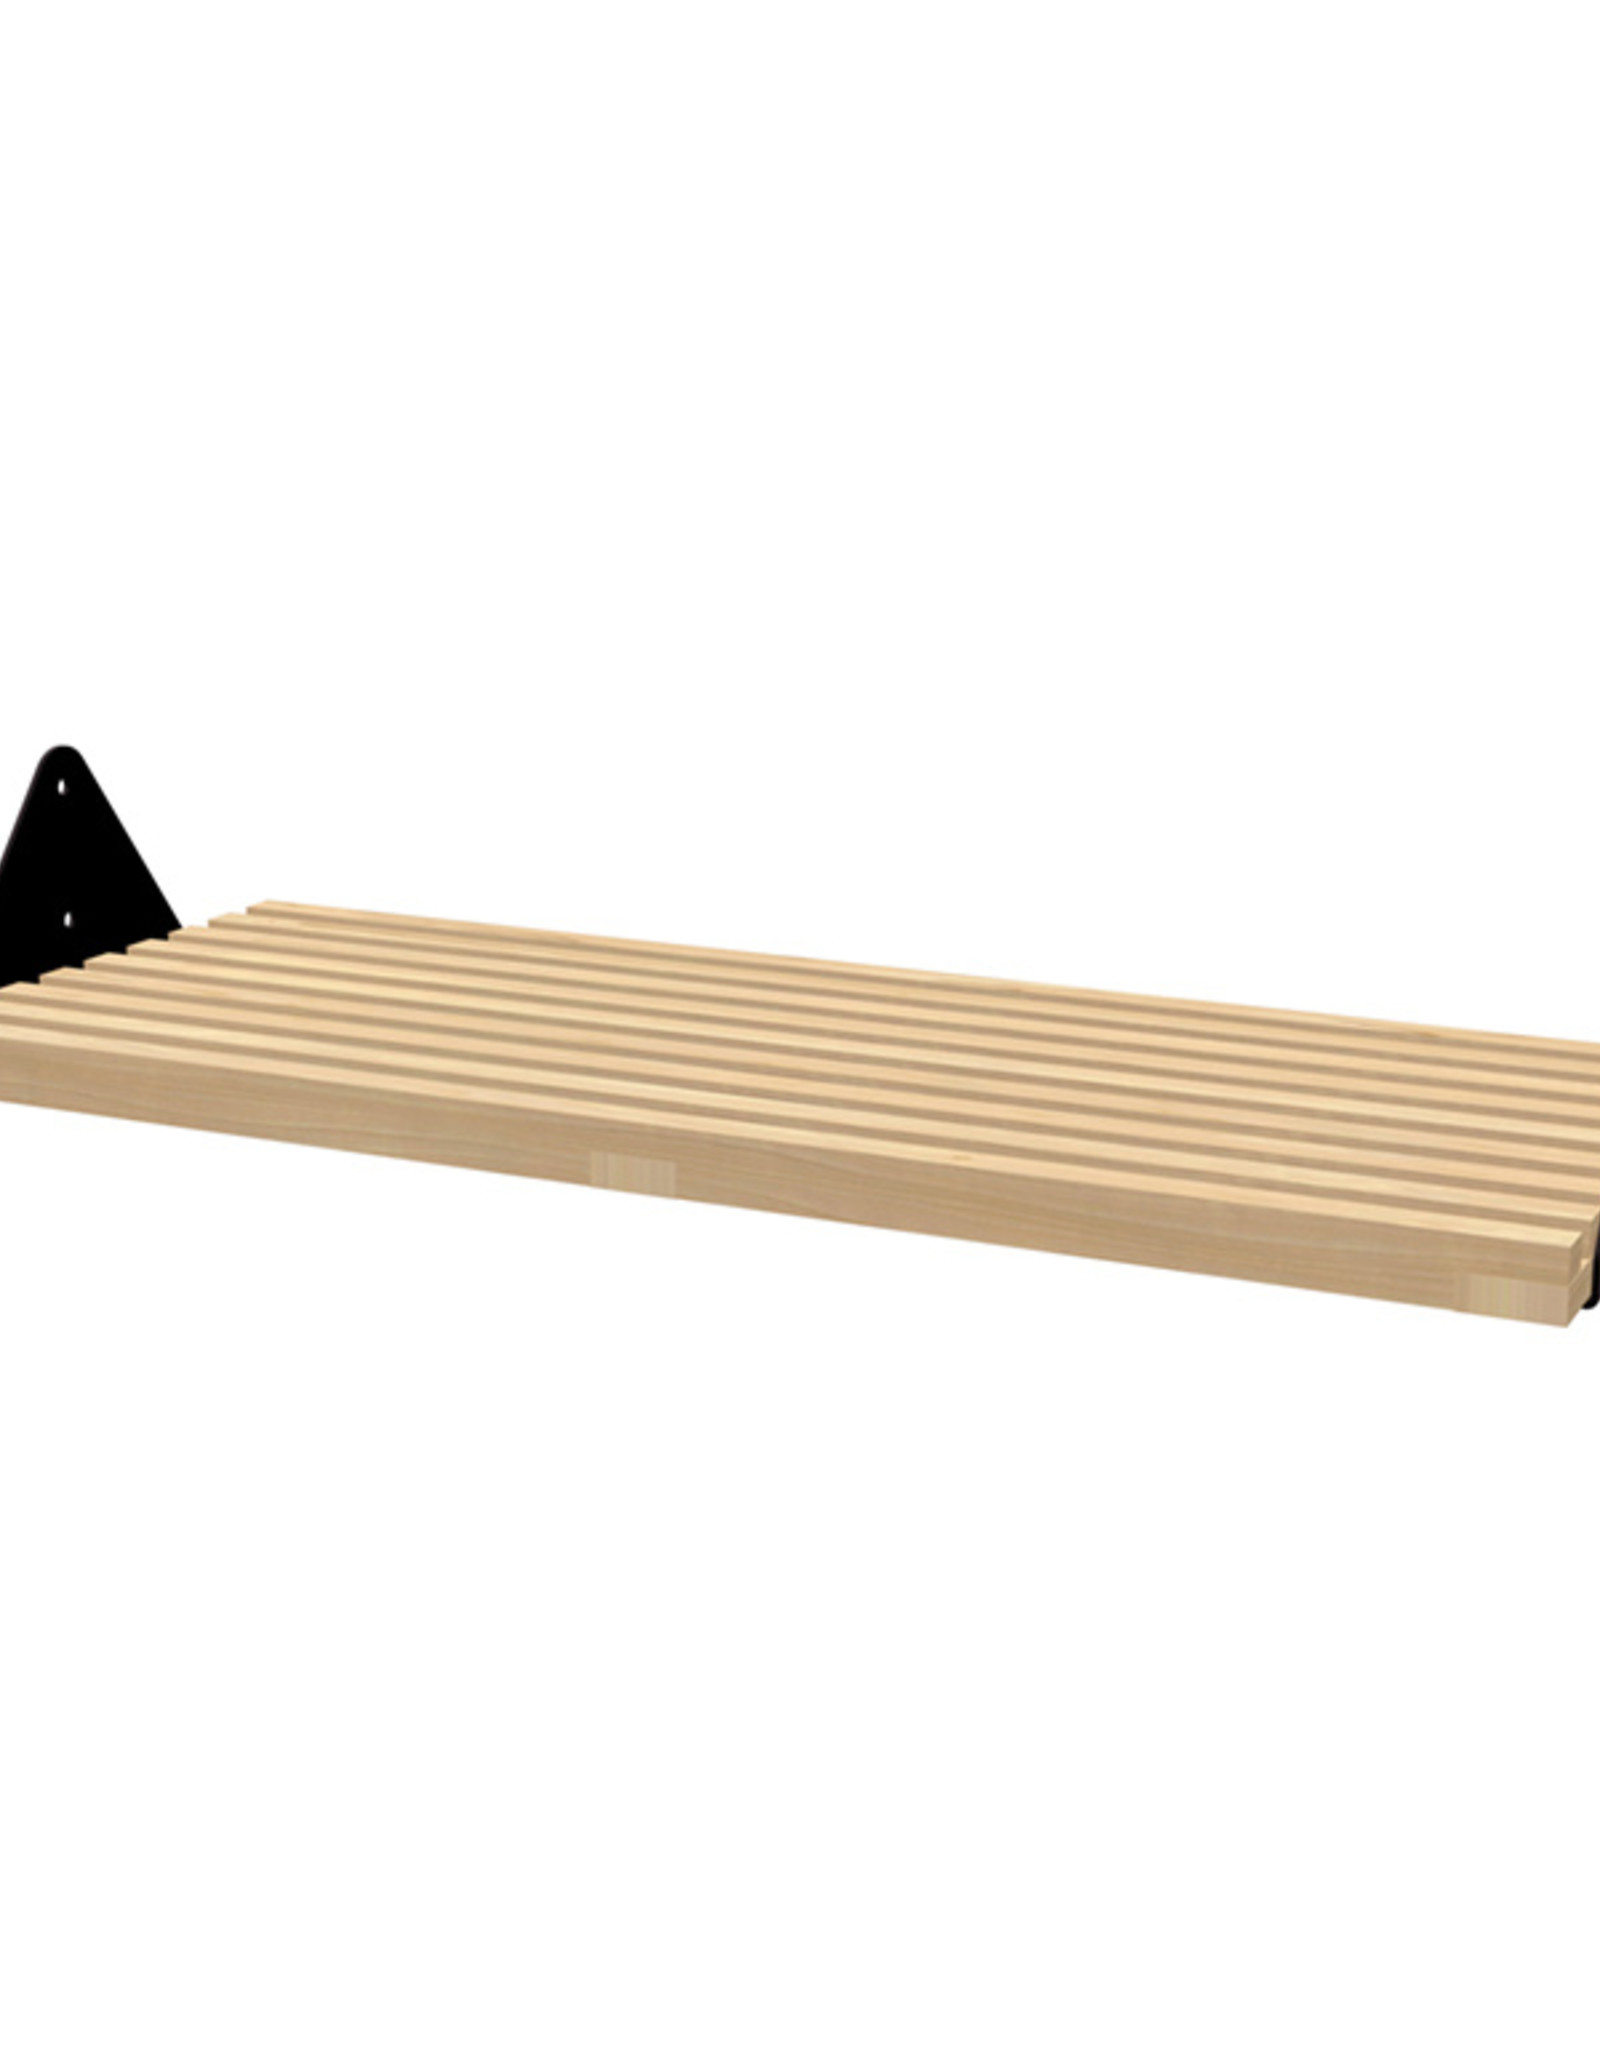 Gus* Modern Branch Slatted Shelf, 1-Pack